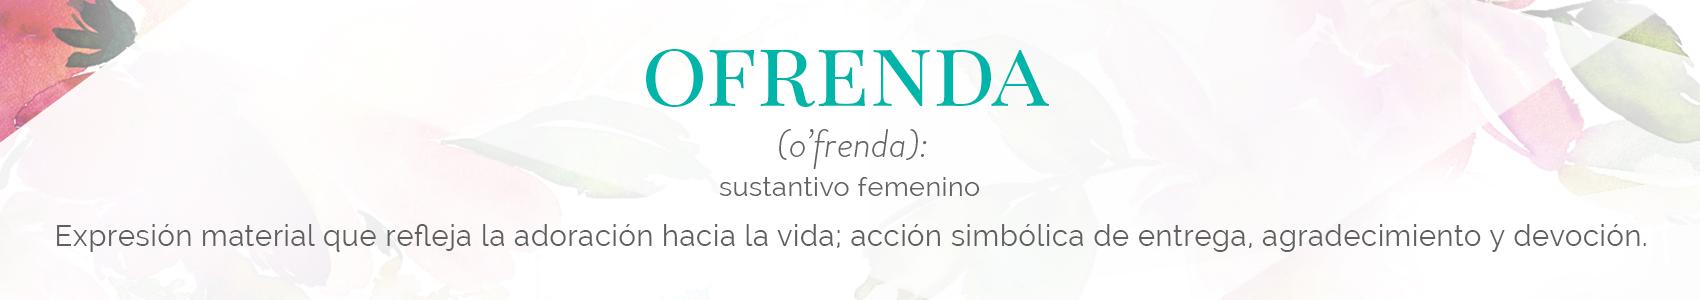 banner_ofrenda.jpg